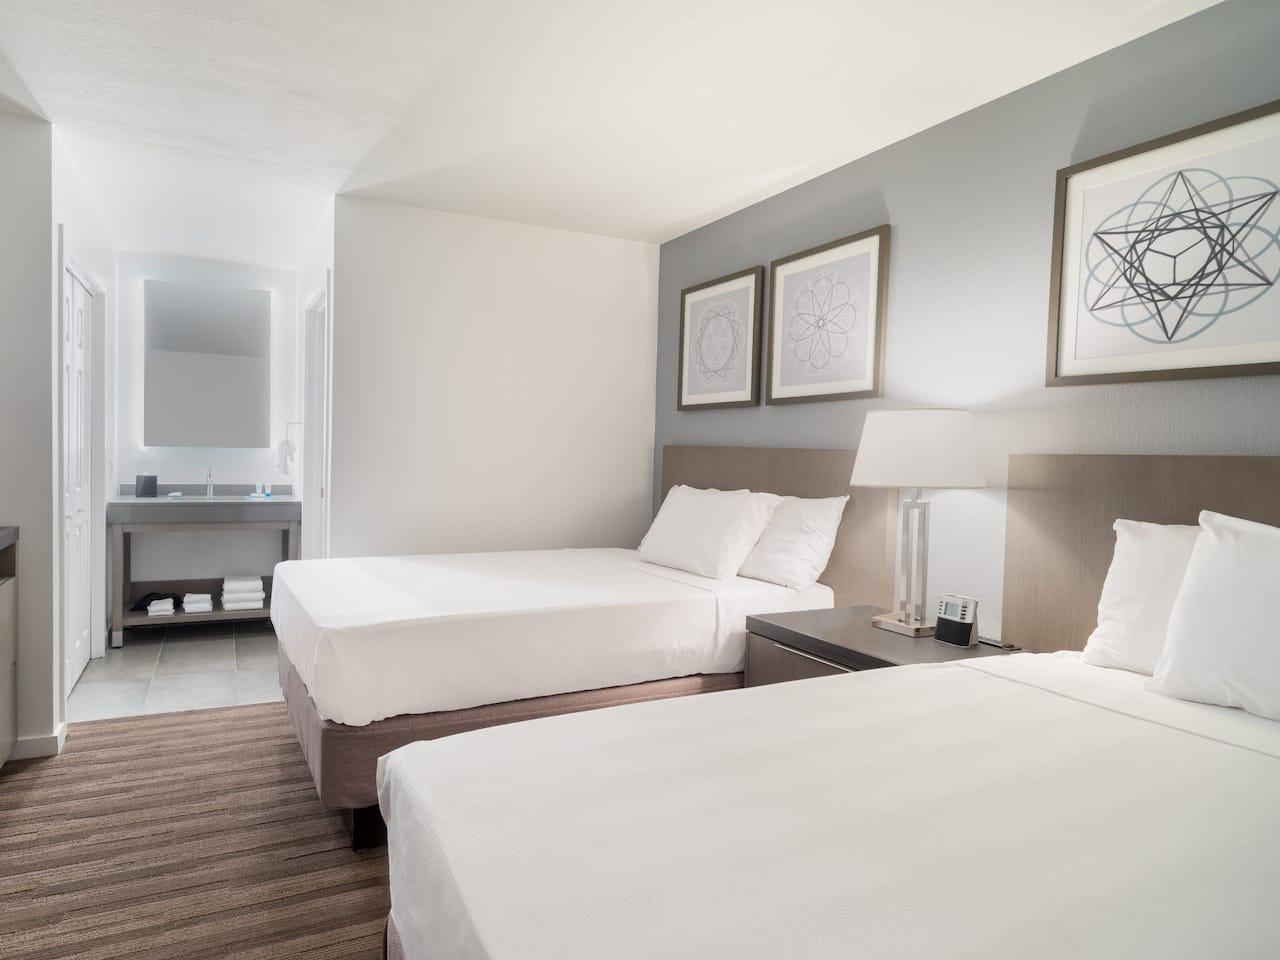 Hyatt House White Plains guest room